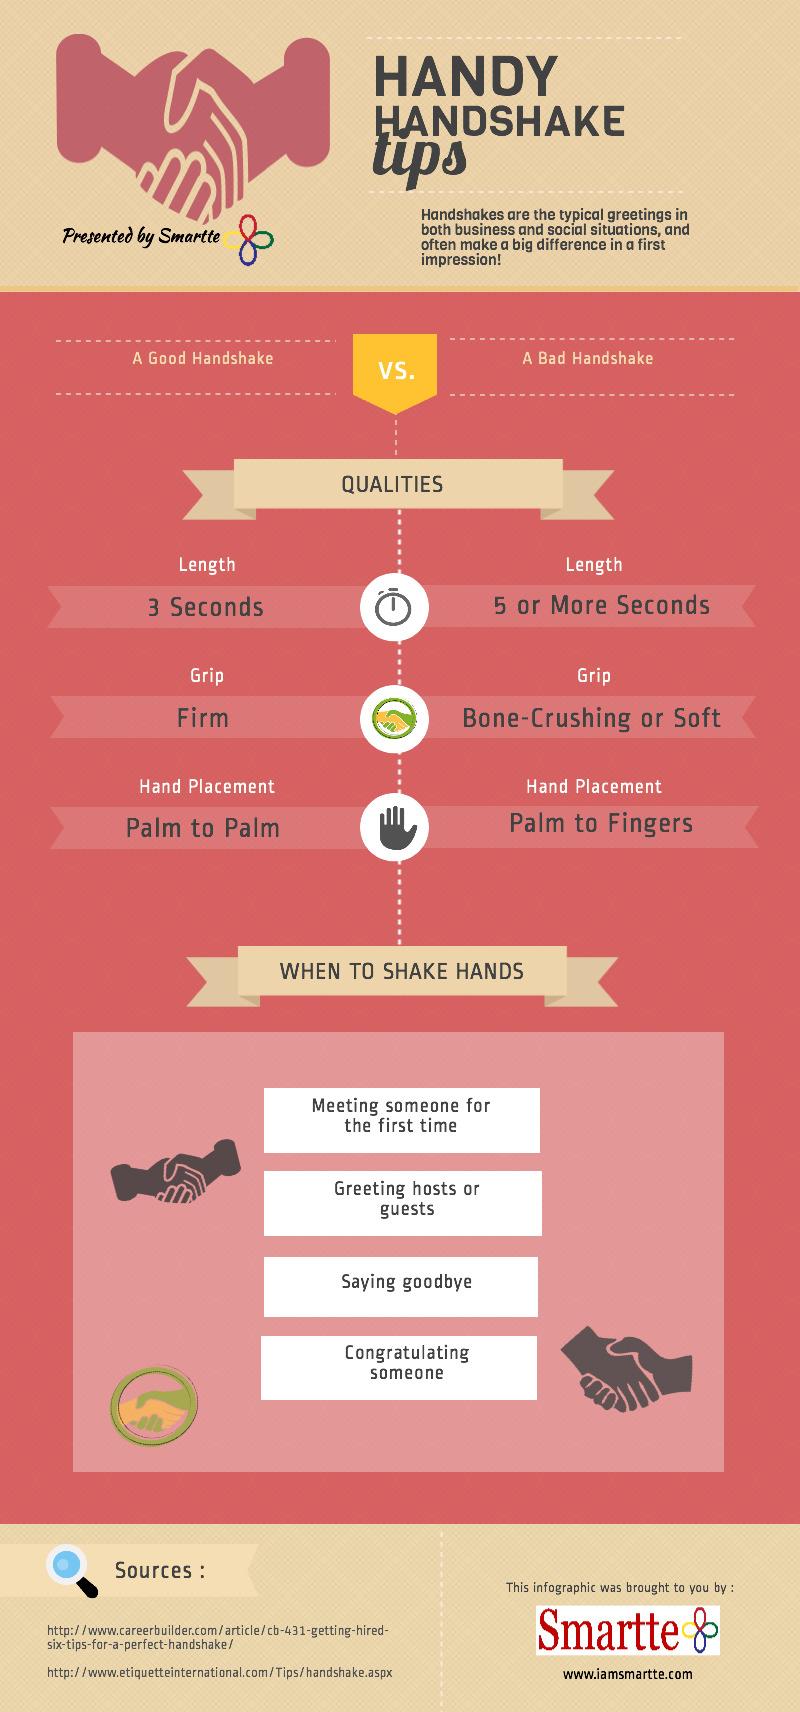 Handshake Tips